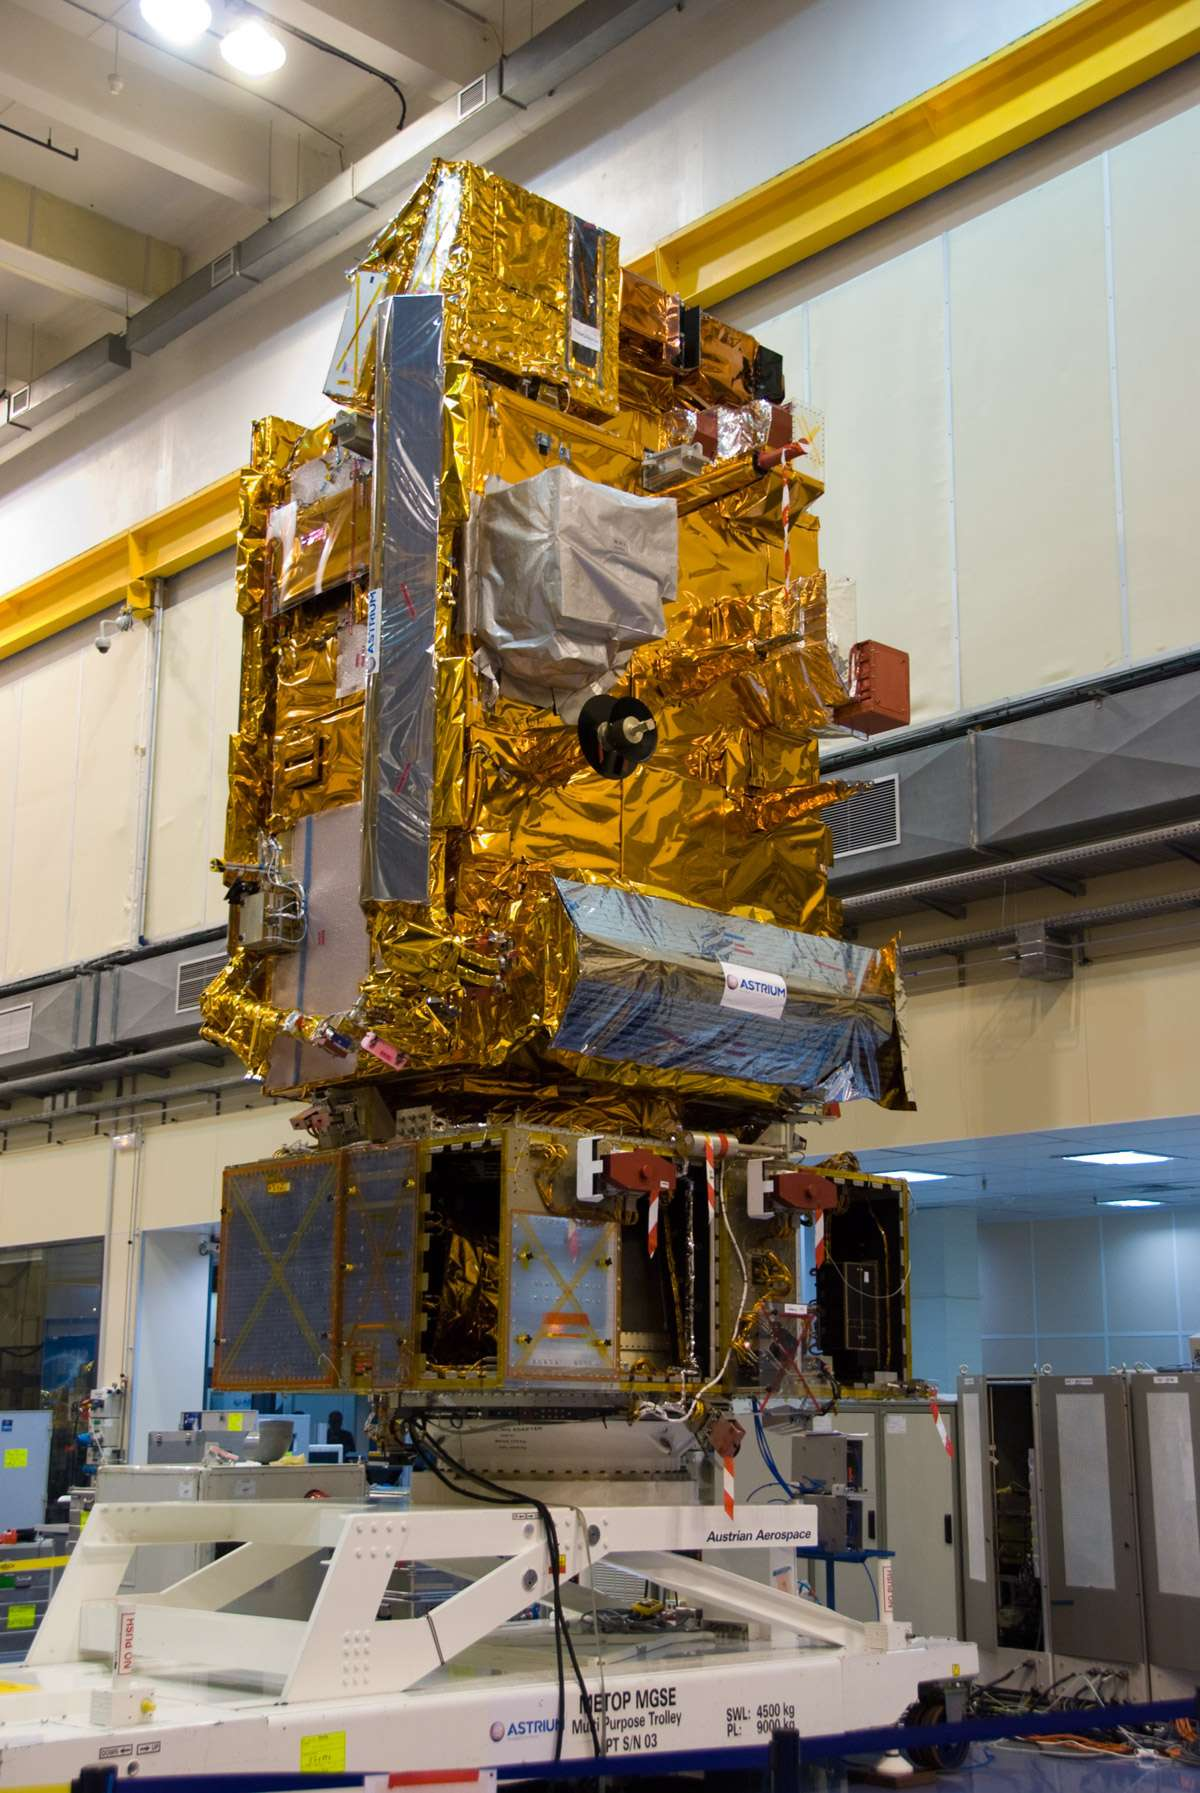 Le satellite Metop-B, lancé en septembre 2012. Il est ici vu en phase finale d'intégration dans l'usine toulousaine d'Astrium (novembre 2011). © Futura-Sciences/R. Decourt